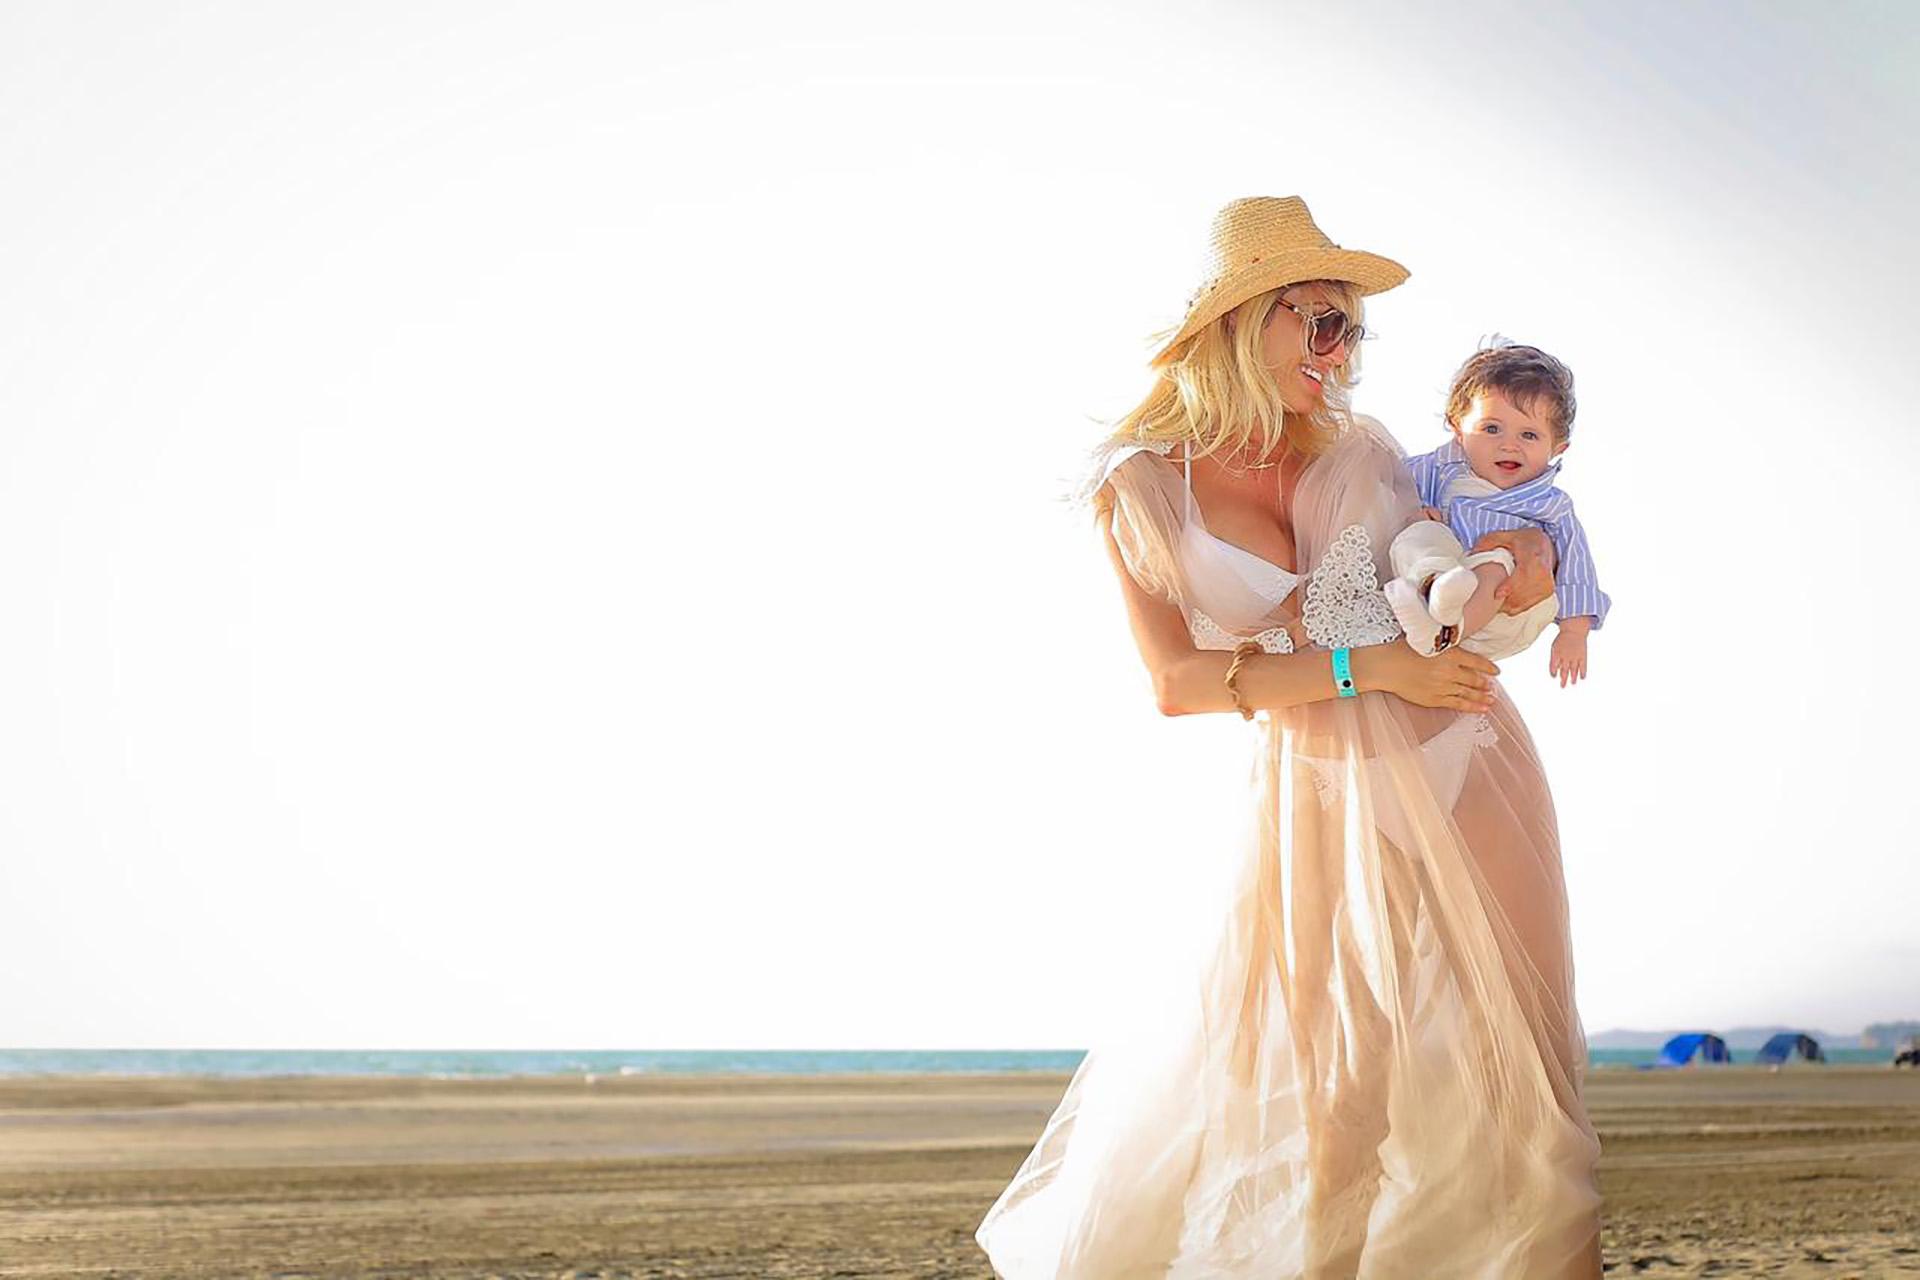 Muy emocionada, le contó a Teleshow que disfrutó de todos los momentos que compartió con el pequeño en su primer viaje juntos y a solas